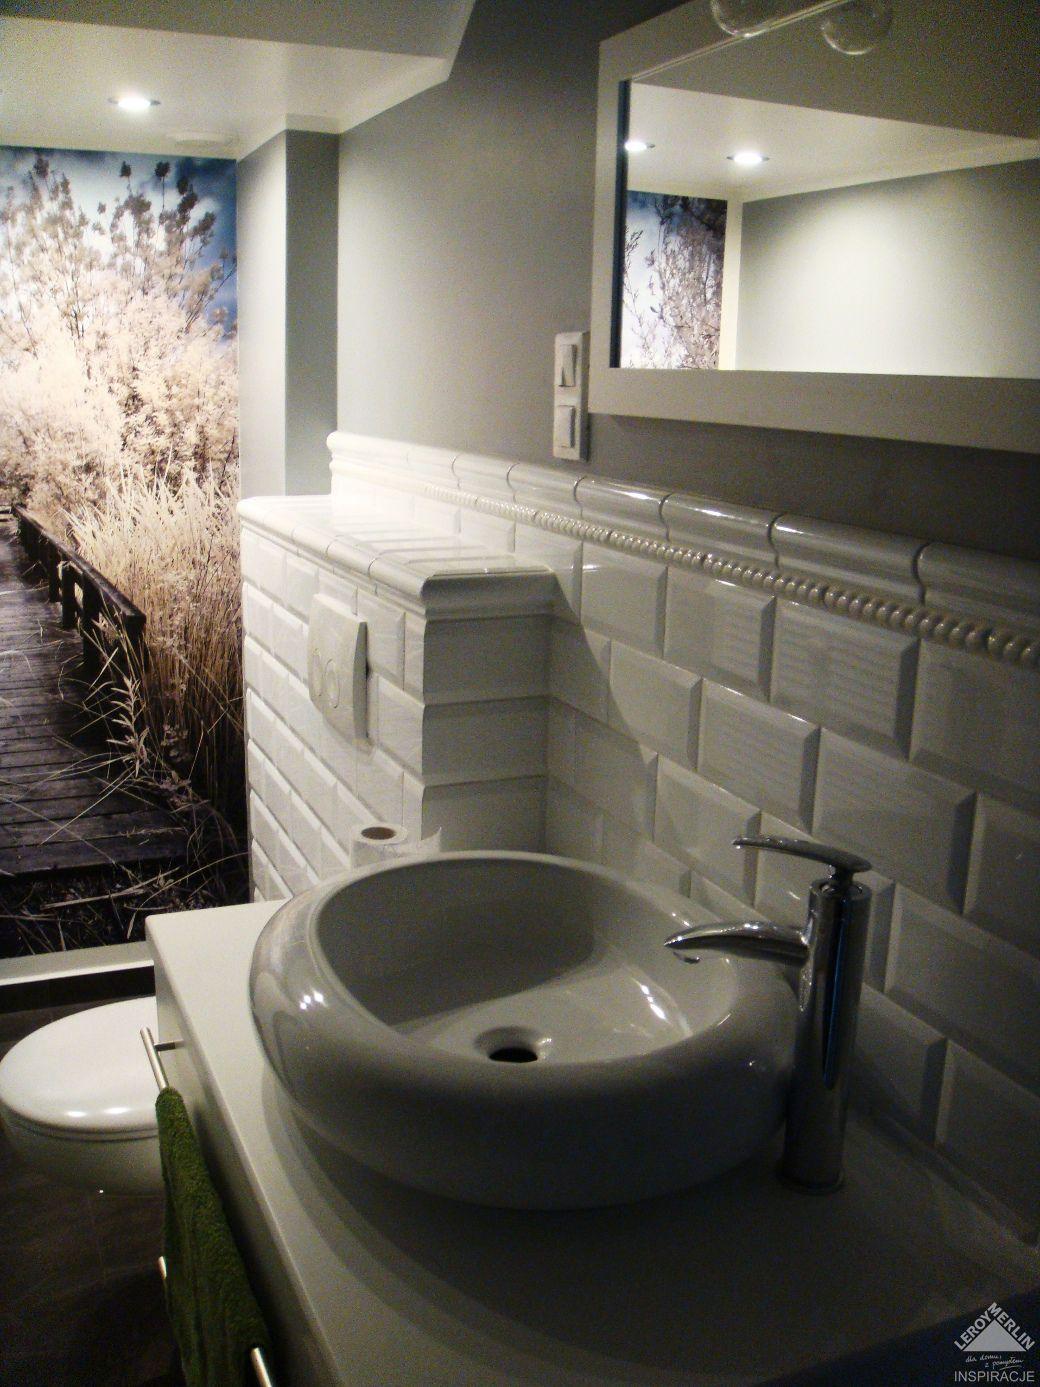 Wnętrza Nazumi Płytki Ala Cegła W łazience